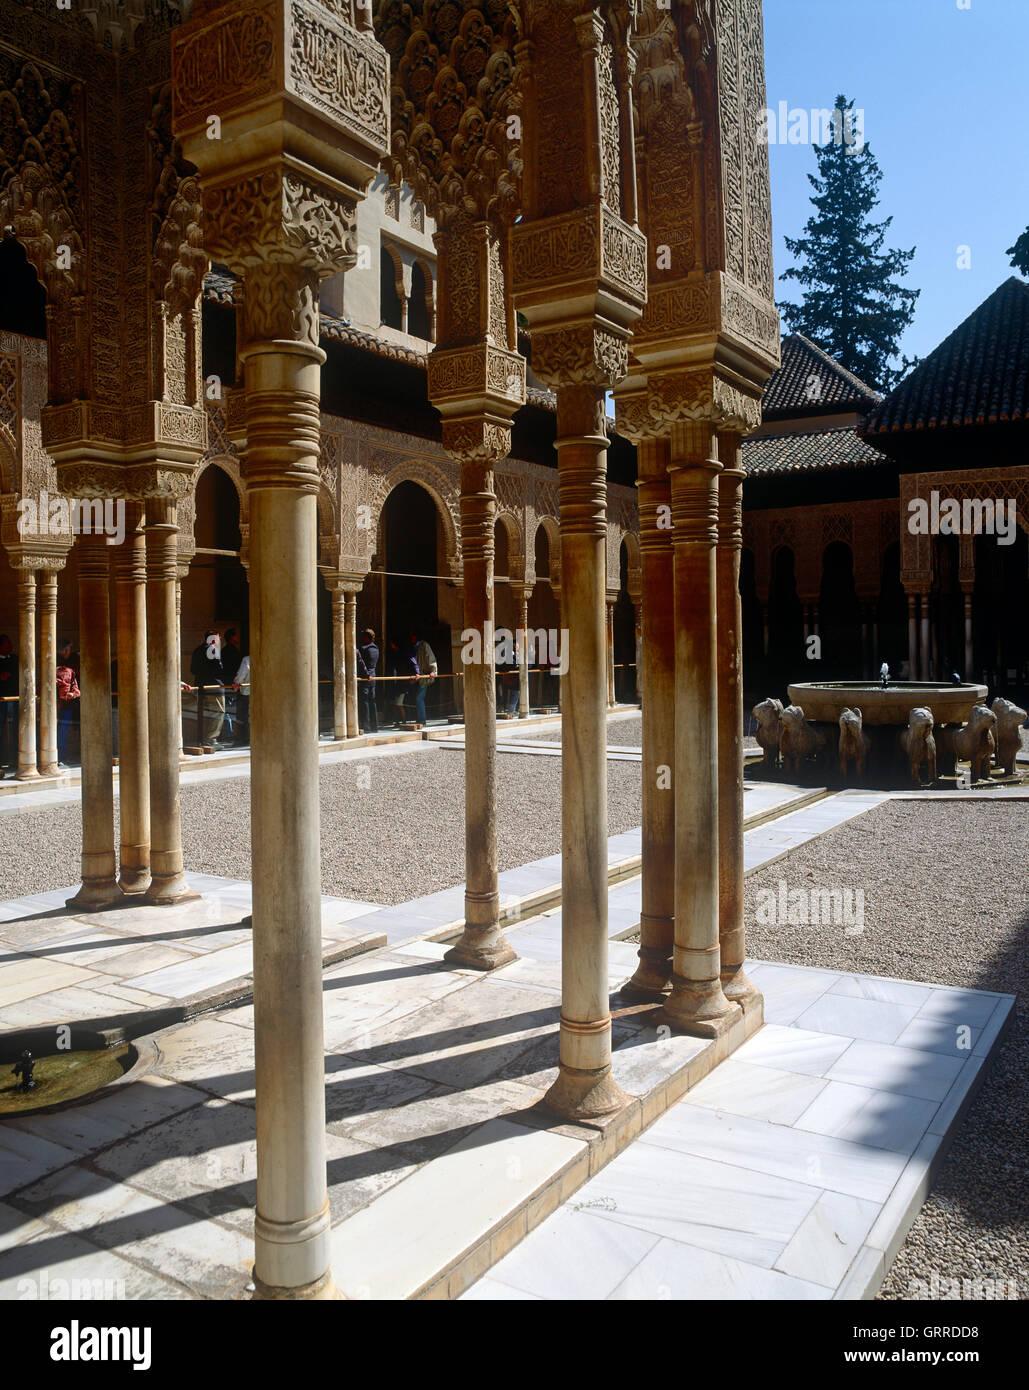 Gericht der Löwen, Alhambra-Palast, Andalusien, Granada, Spanien Stockbild